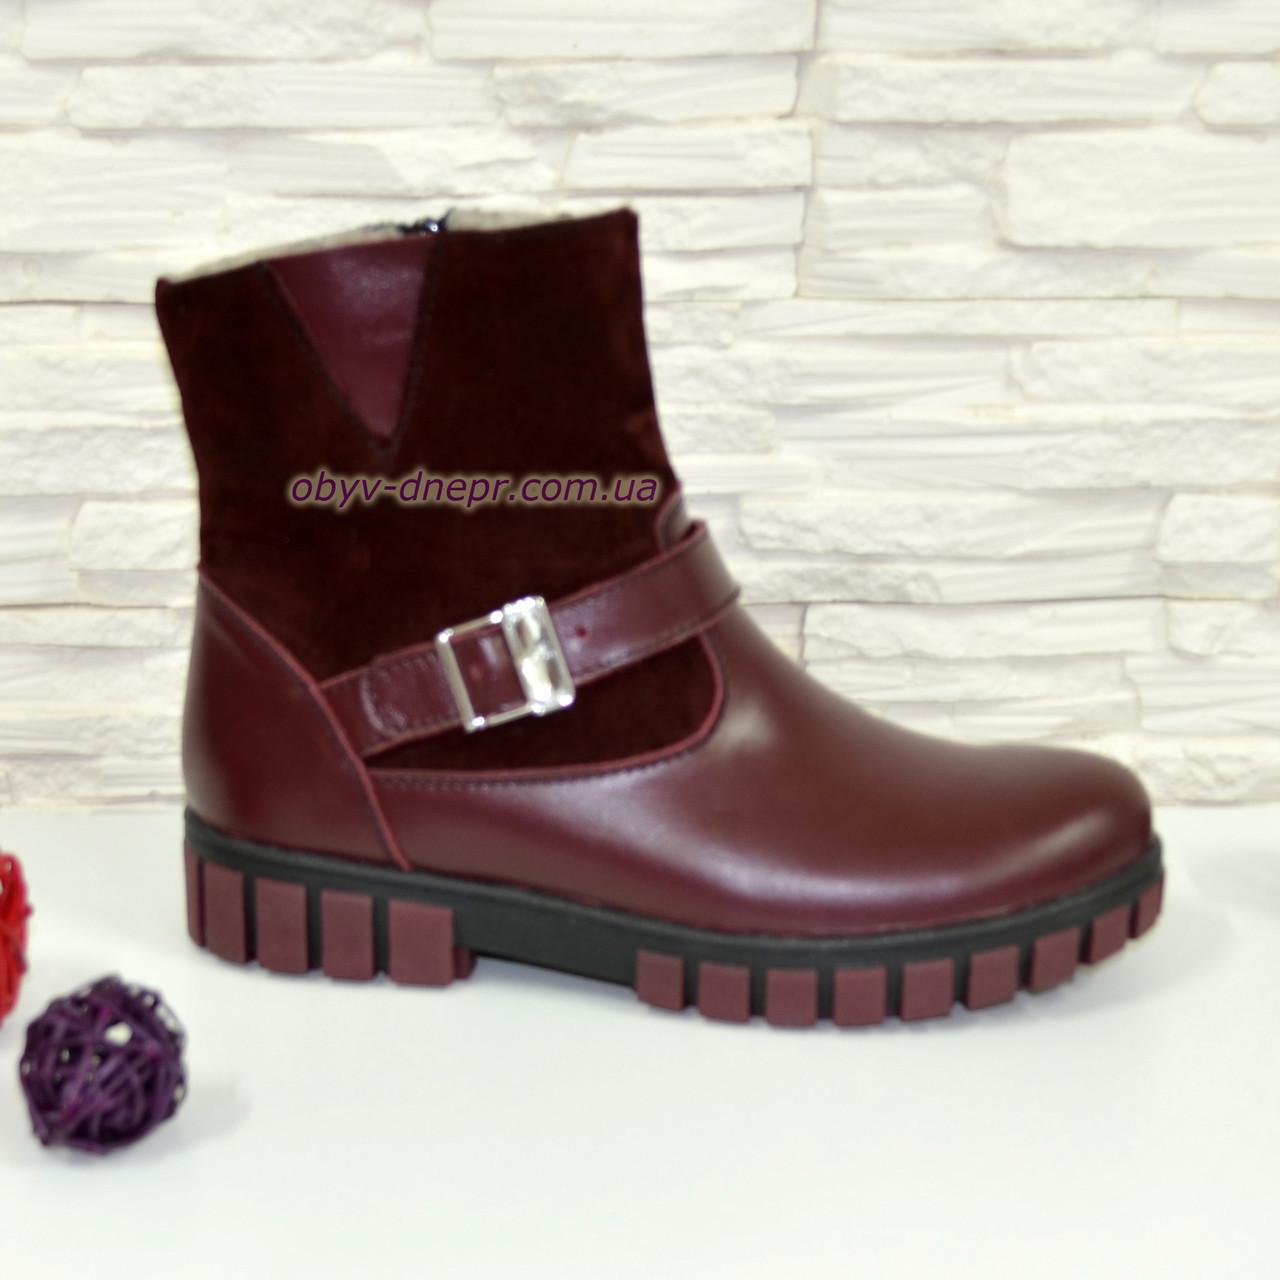 Ботинки подростковые на утолщённой подошве, бордовый цвет.